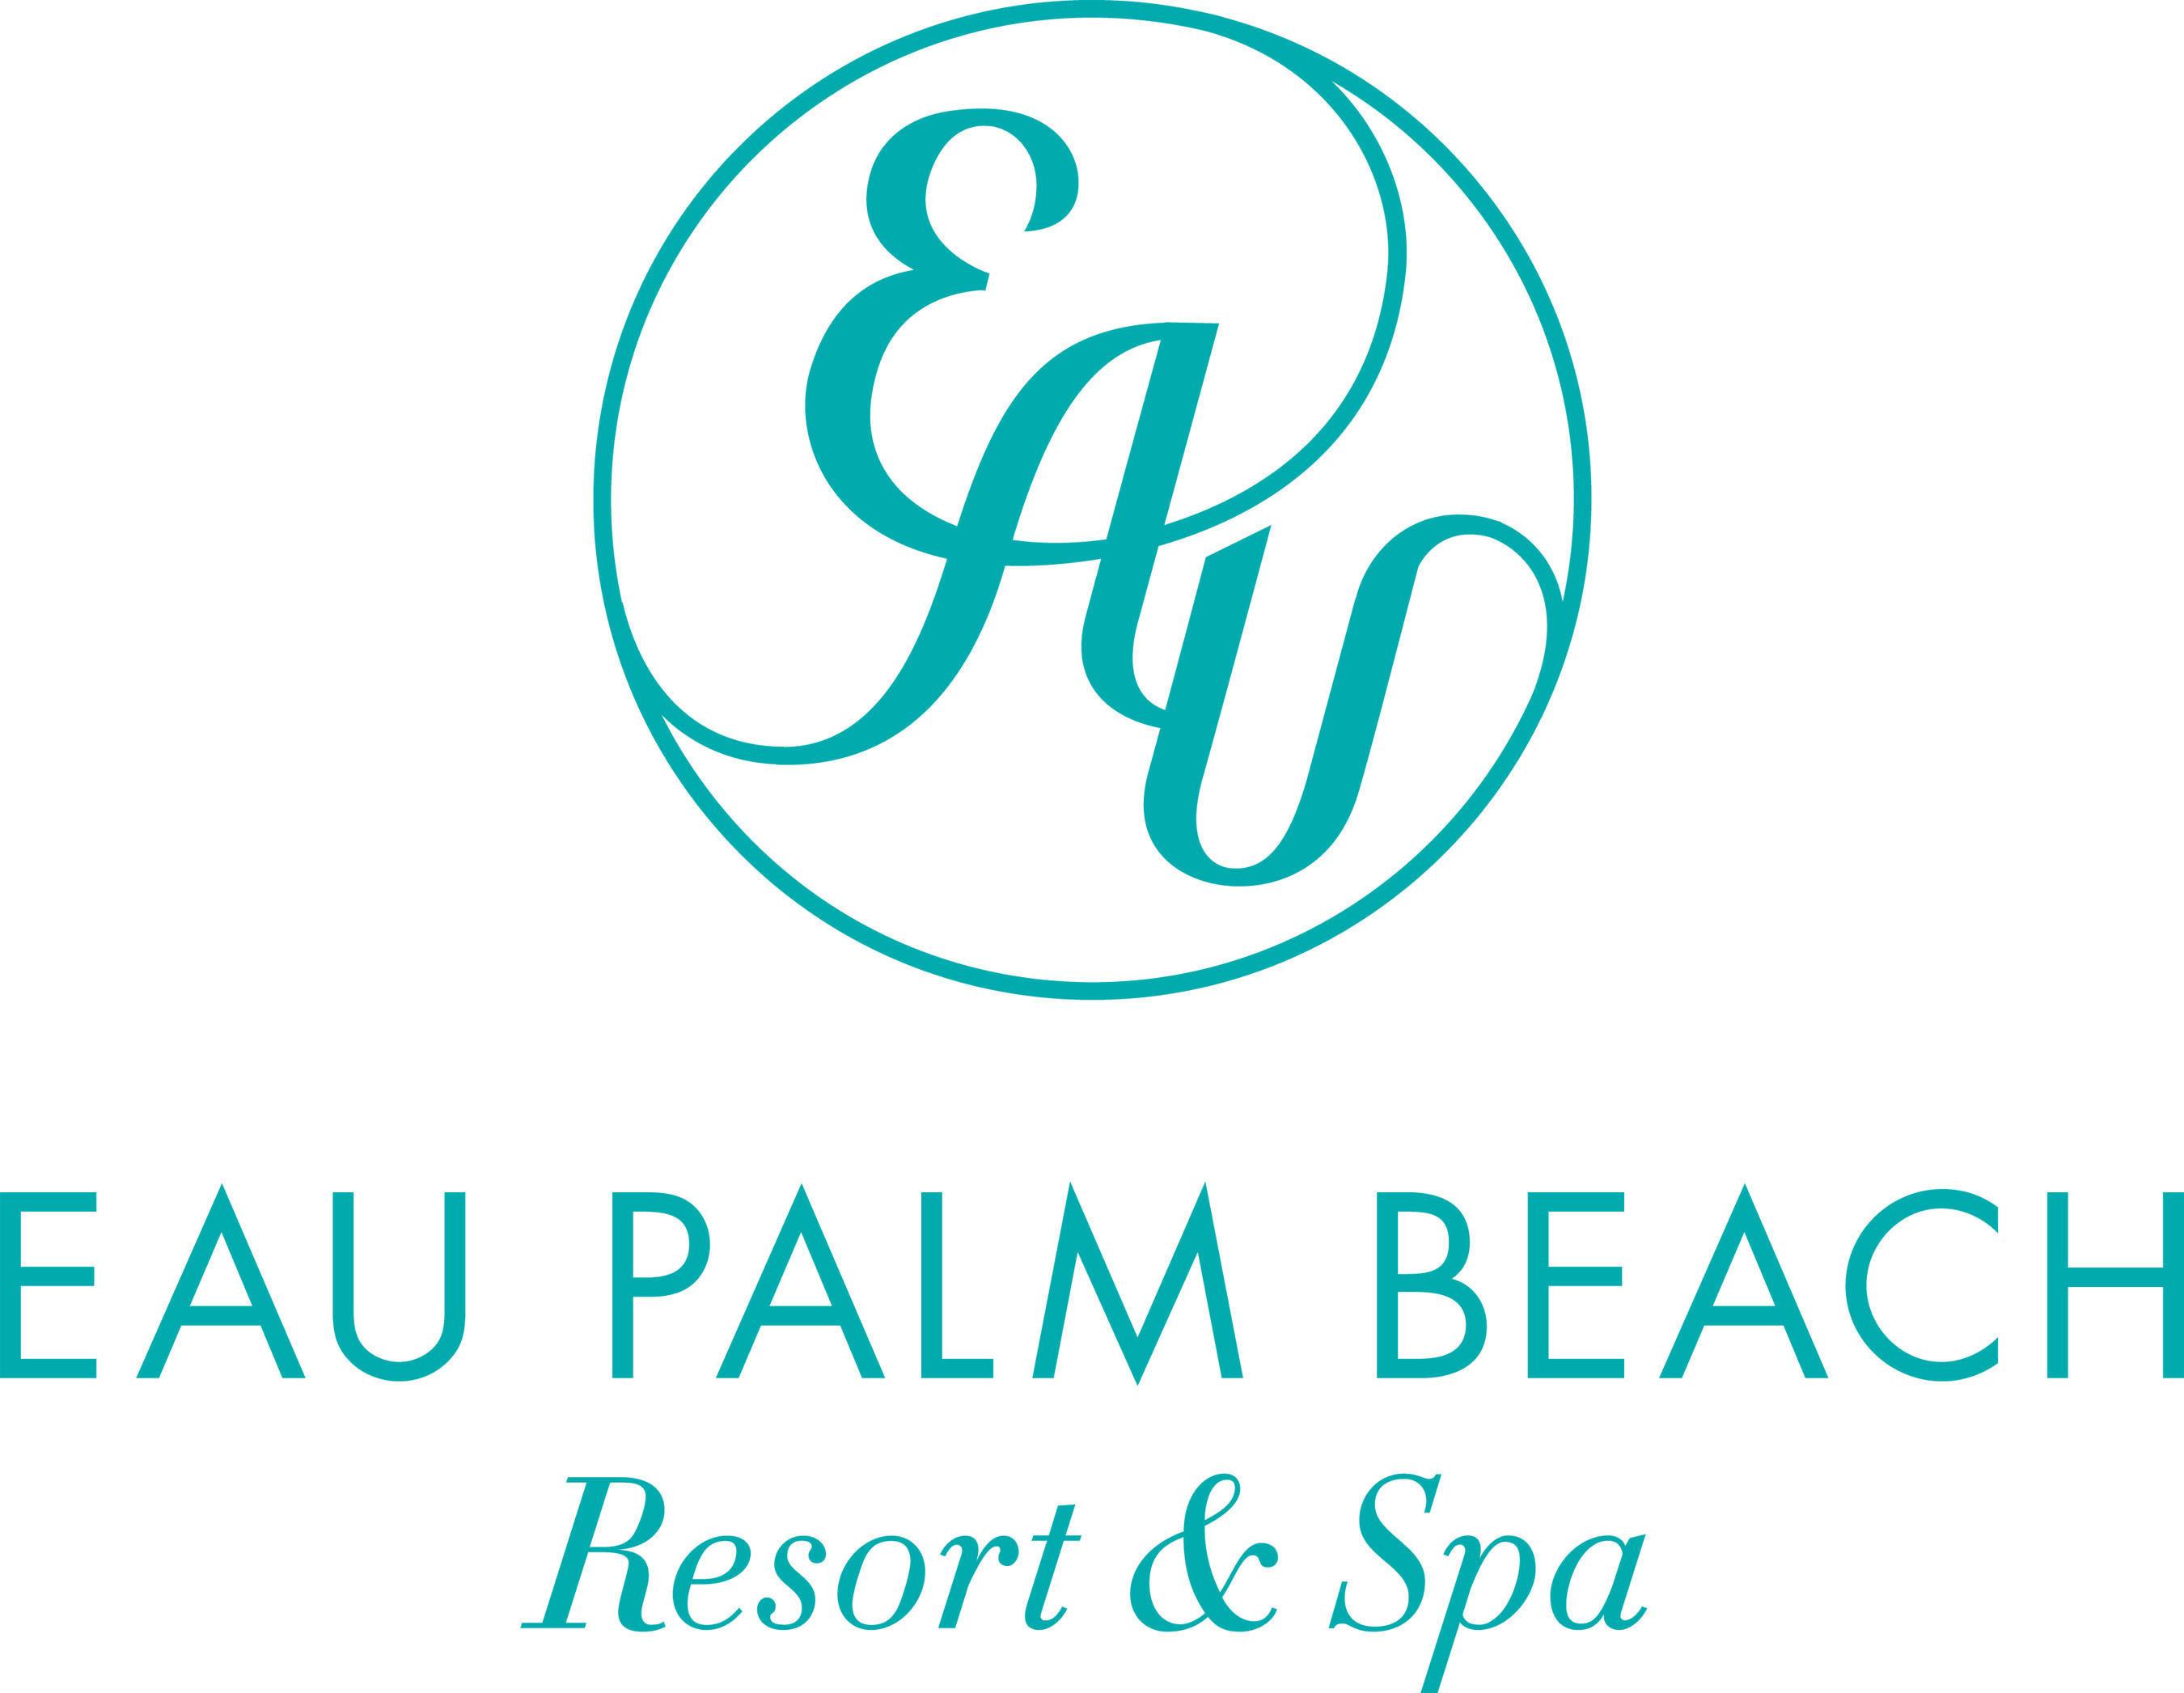 Eau Palm Beach Resort & Spa.